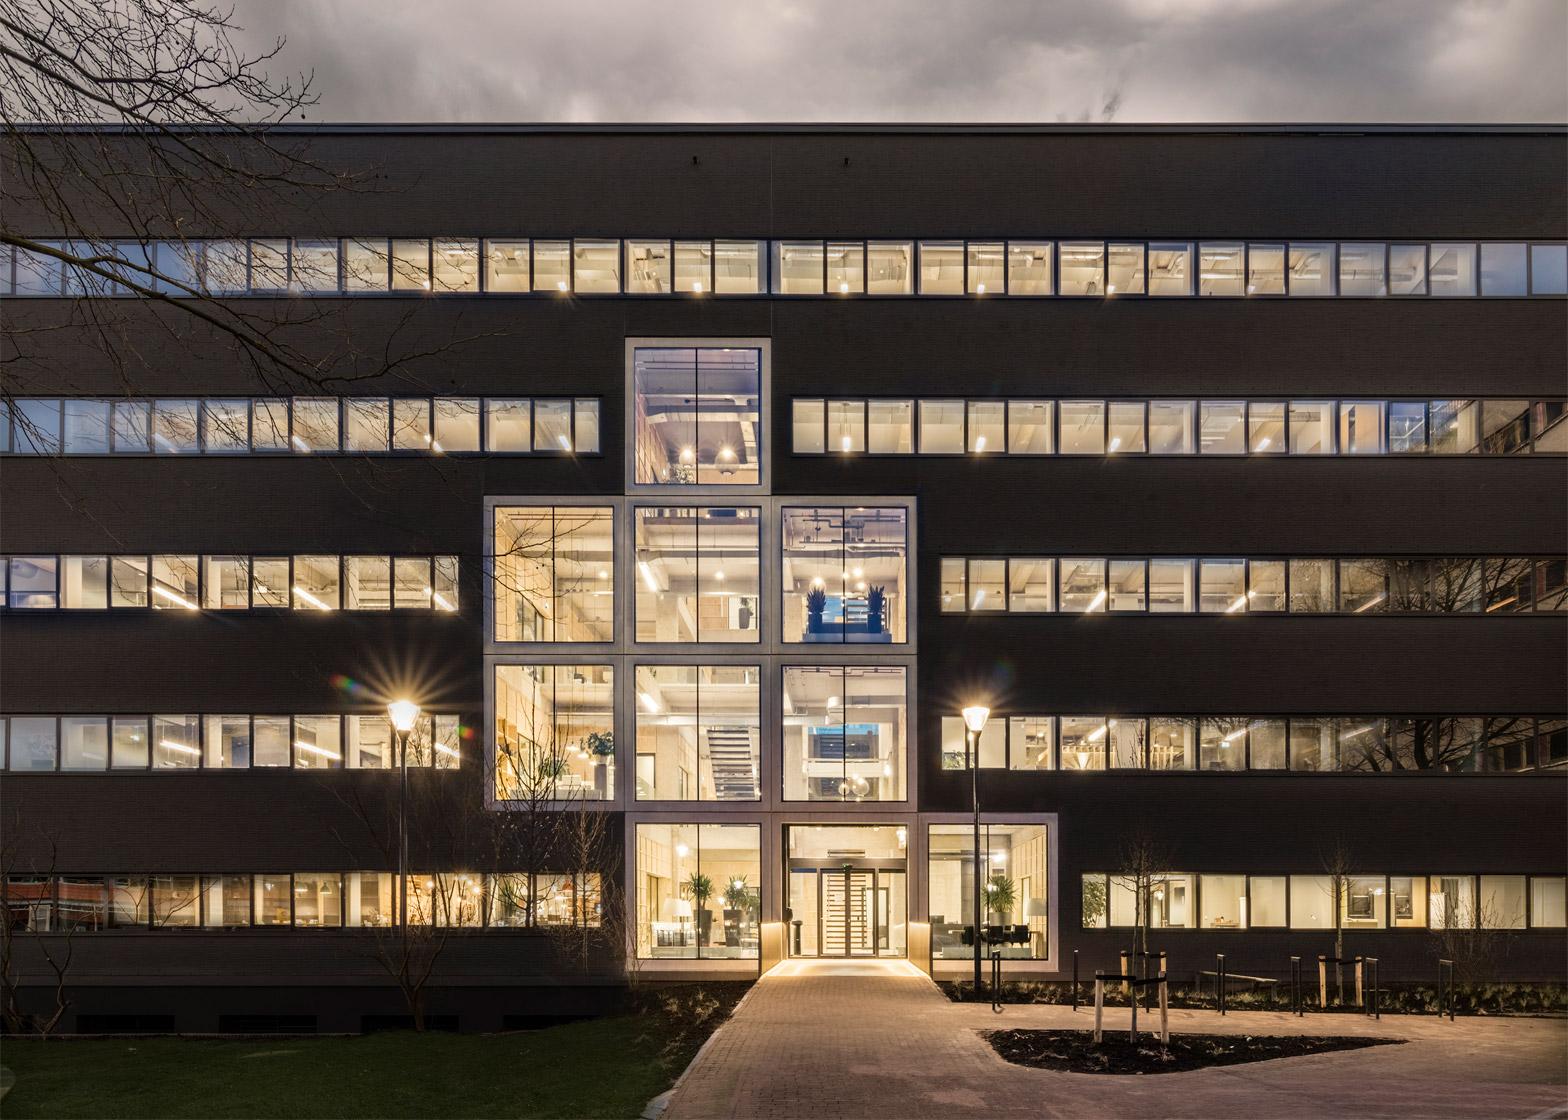 de-alliantie-headquarters-studio-nine-dots-lucent-industrial-site-hilversum-netherlands-peter-cuypers_dezeen_1568_81